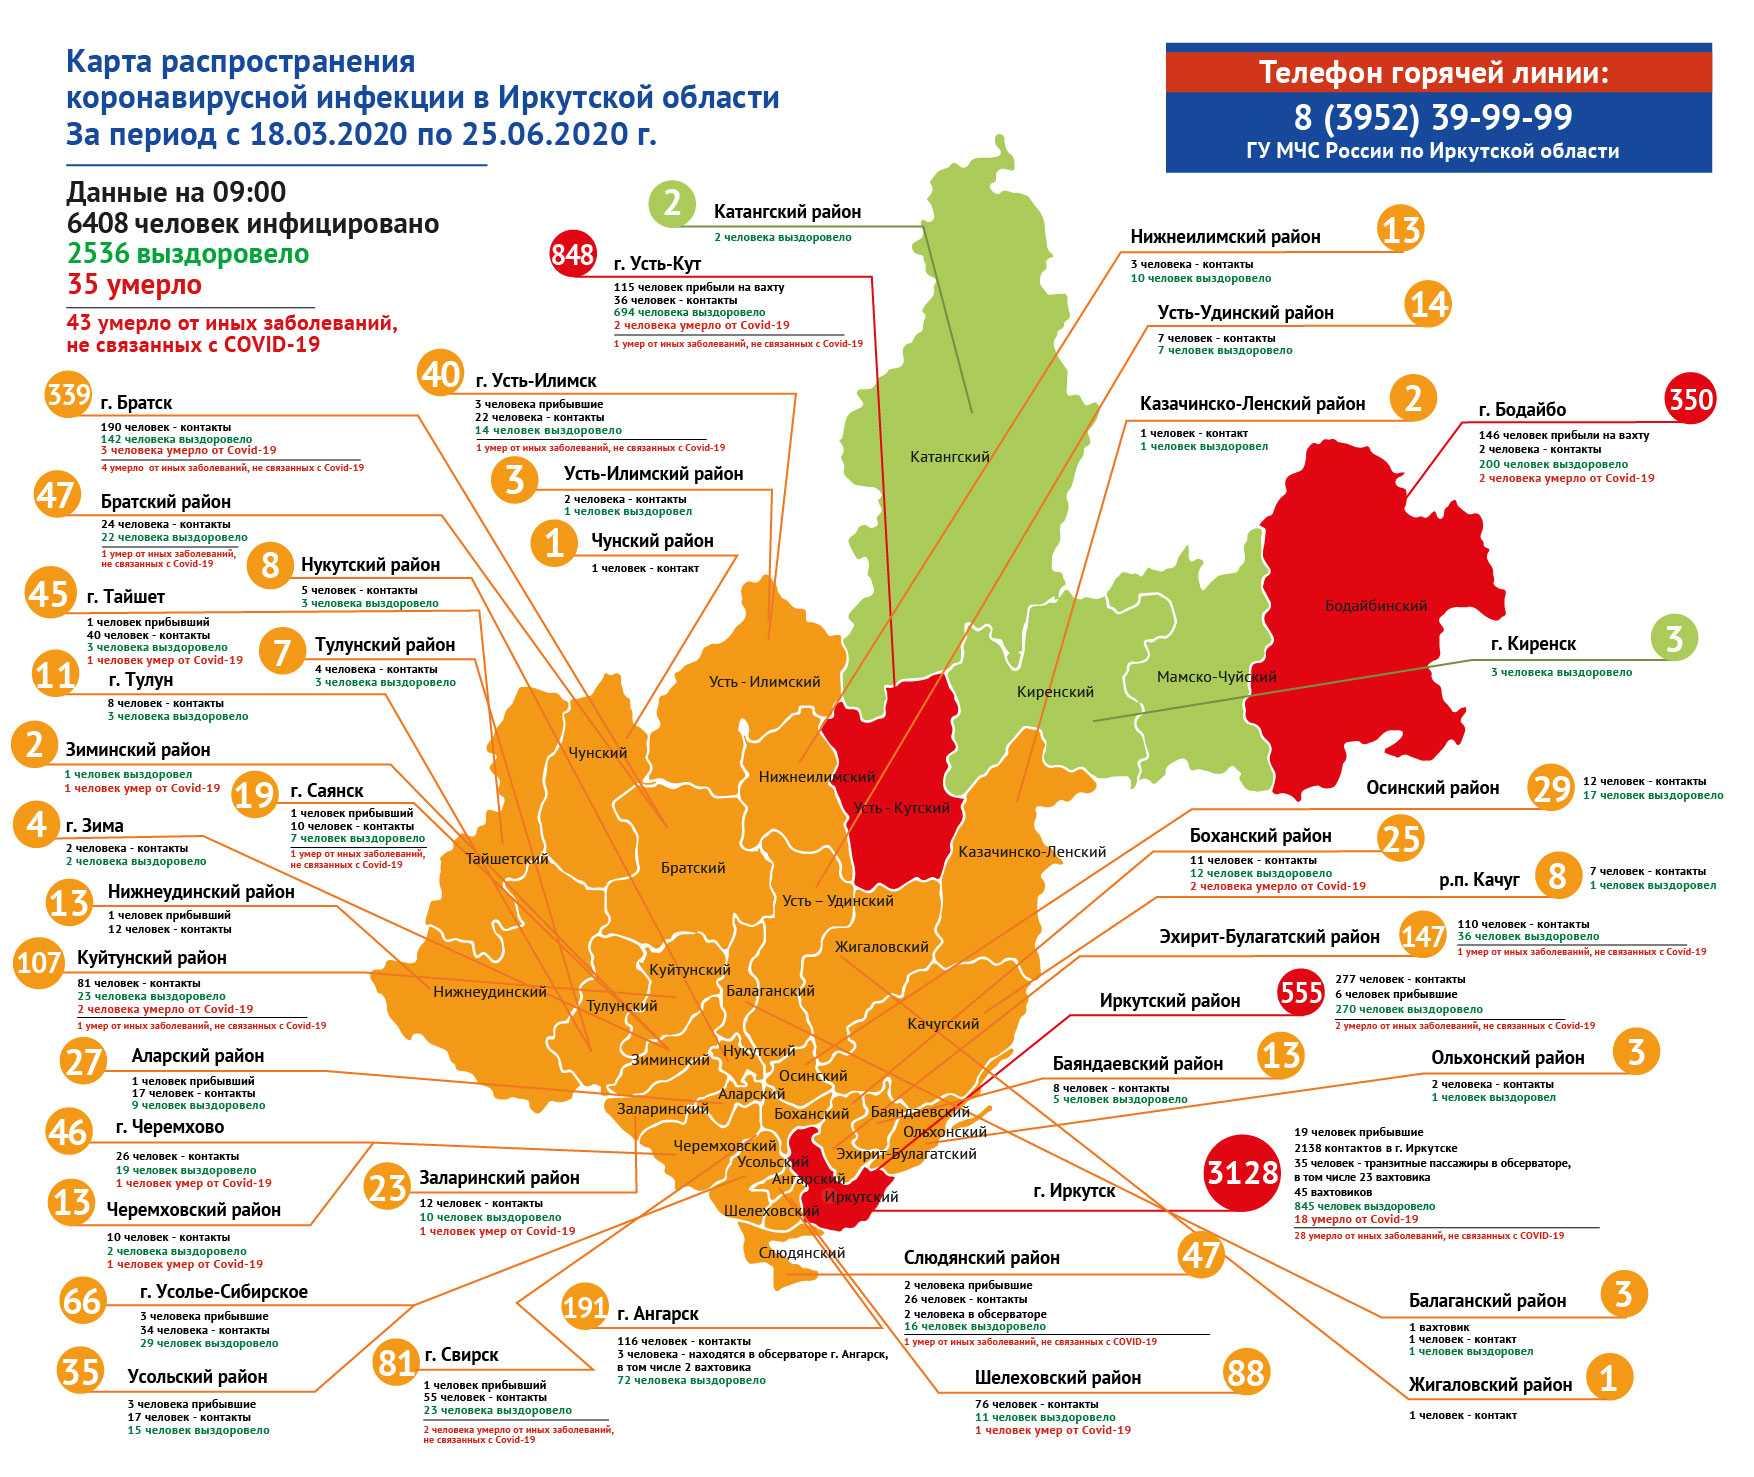 География распространения COVID-19 по области 25 июня 2020 года